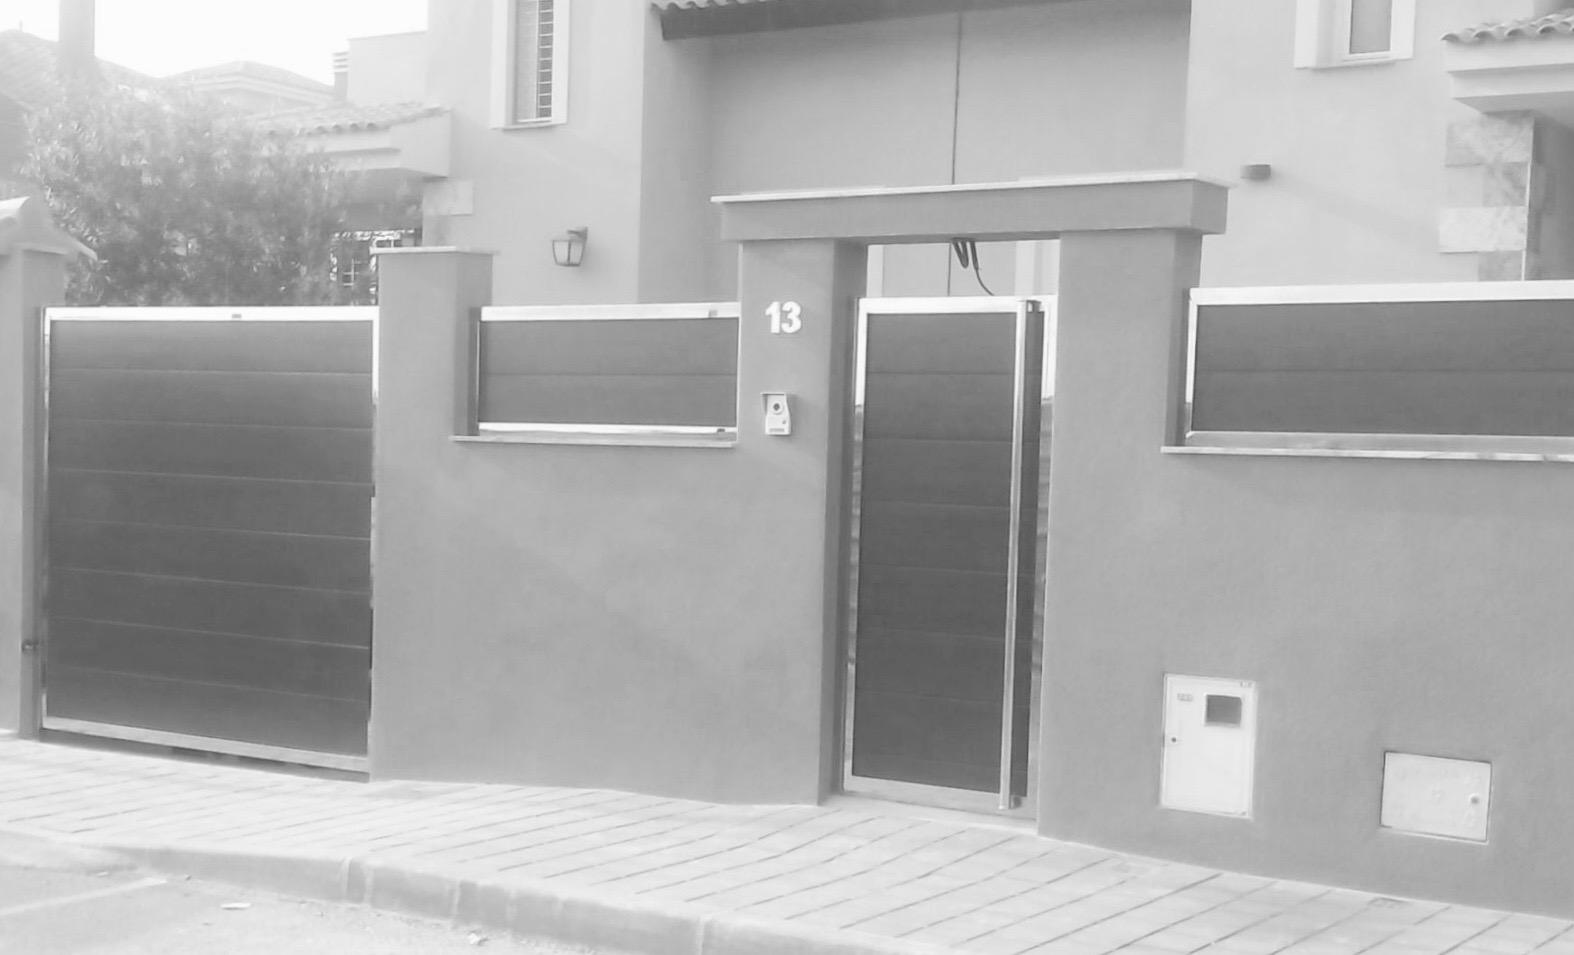 Persianas y puertas manuales y autom ticas pedro reyes for Puerta corredera exterior jardin